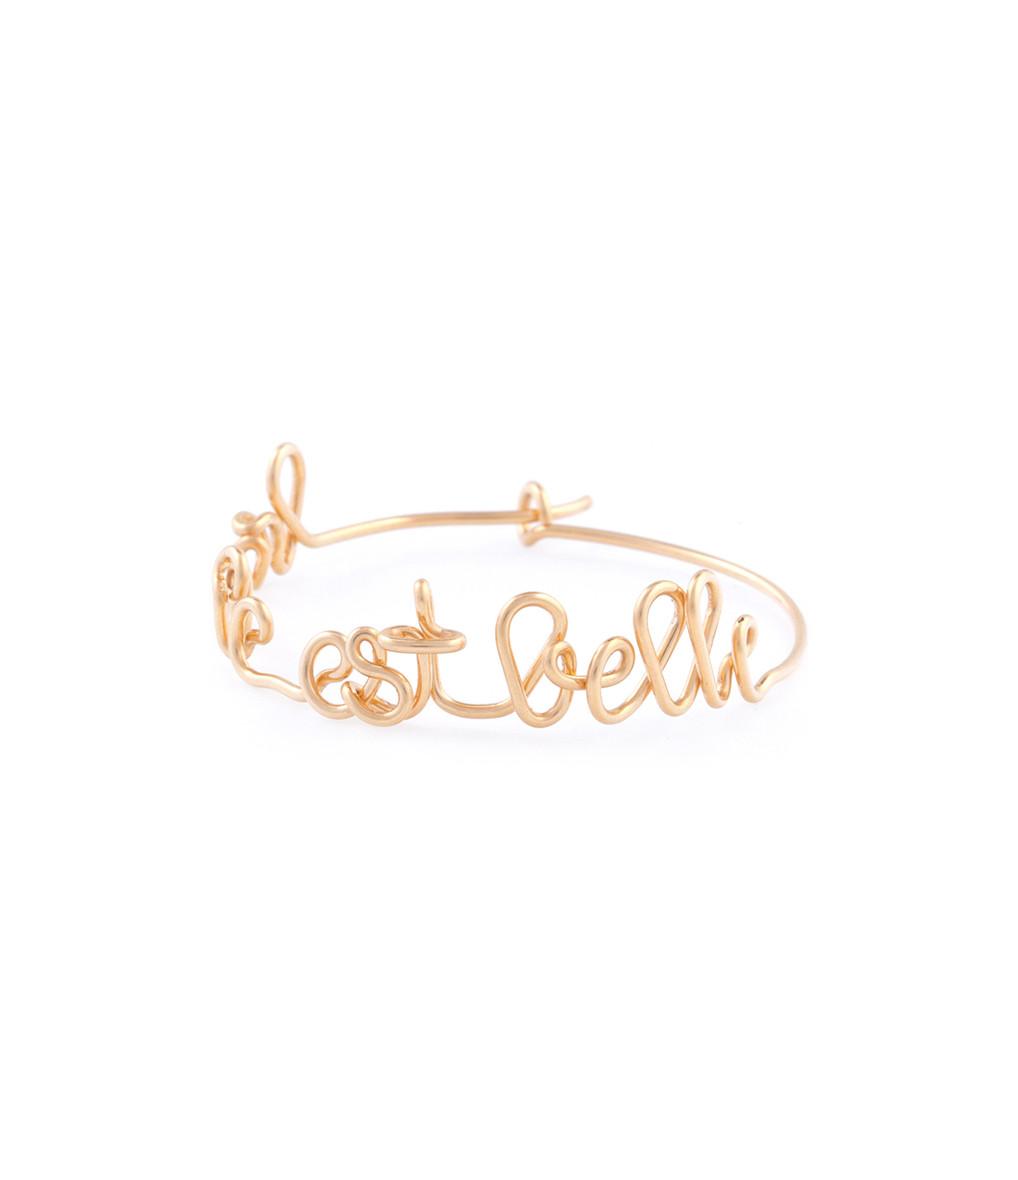 ATELIER PAULIN - Créole La Vie est Belle Gold Filled 14K (vendue à l'unité)